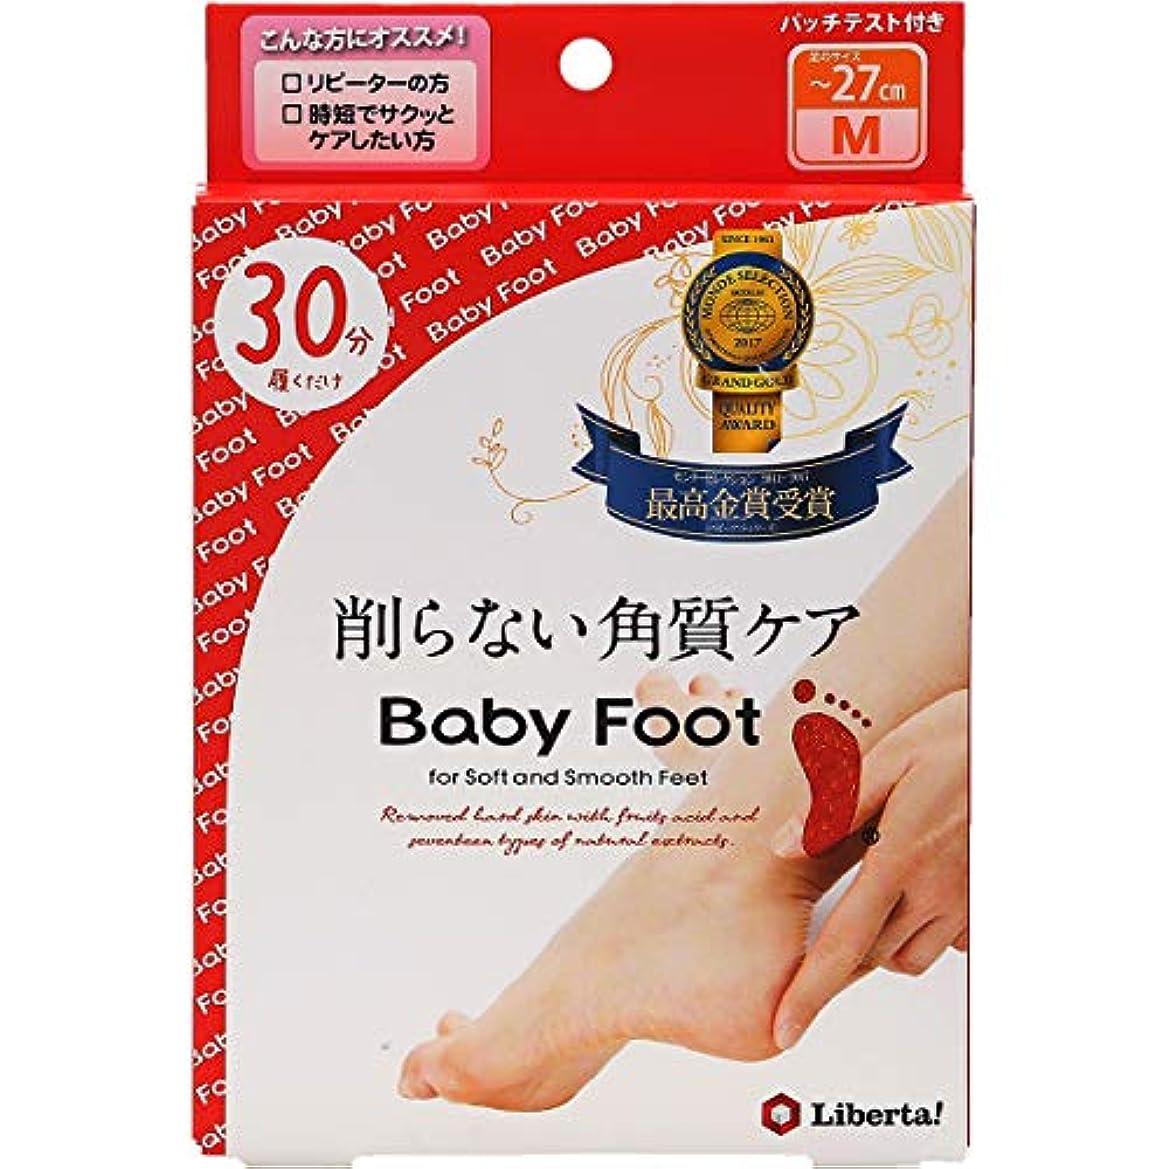 静けさ実証する津波ベビーフット (Baby Foot) ベビーフット イージーパック30分タイプ Mサイズ 単品